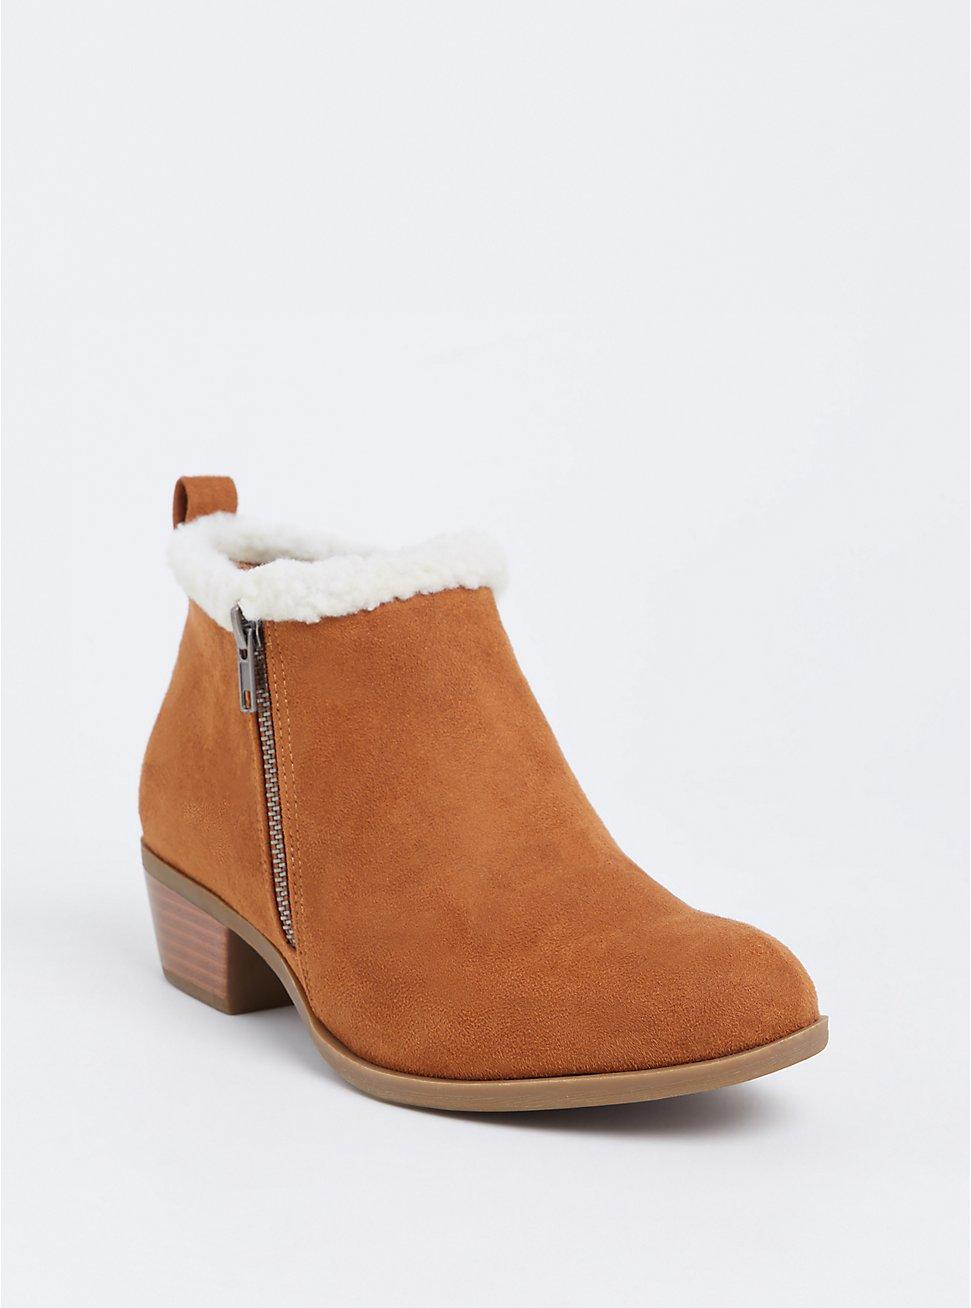 Plus Size Cognac Faux Suede & Faux Shearling Ankle Boot (WW), COGNAC, hi-res